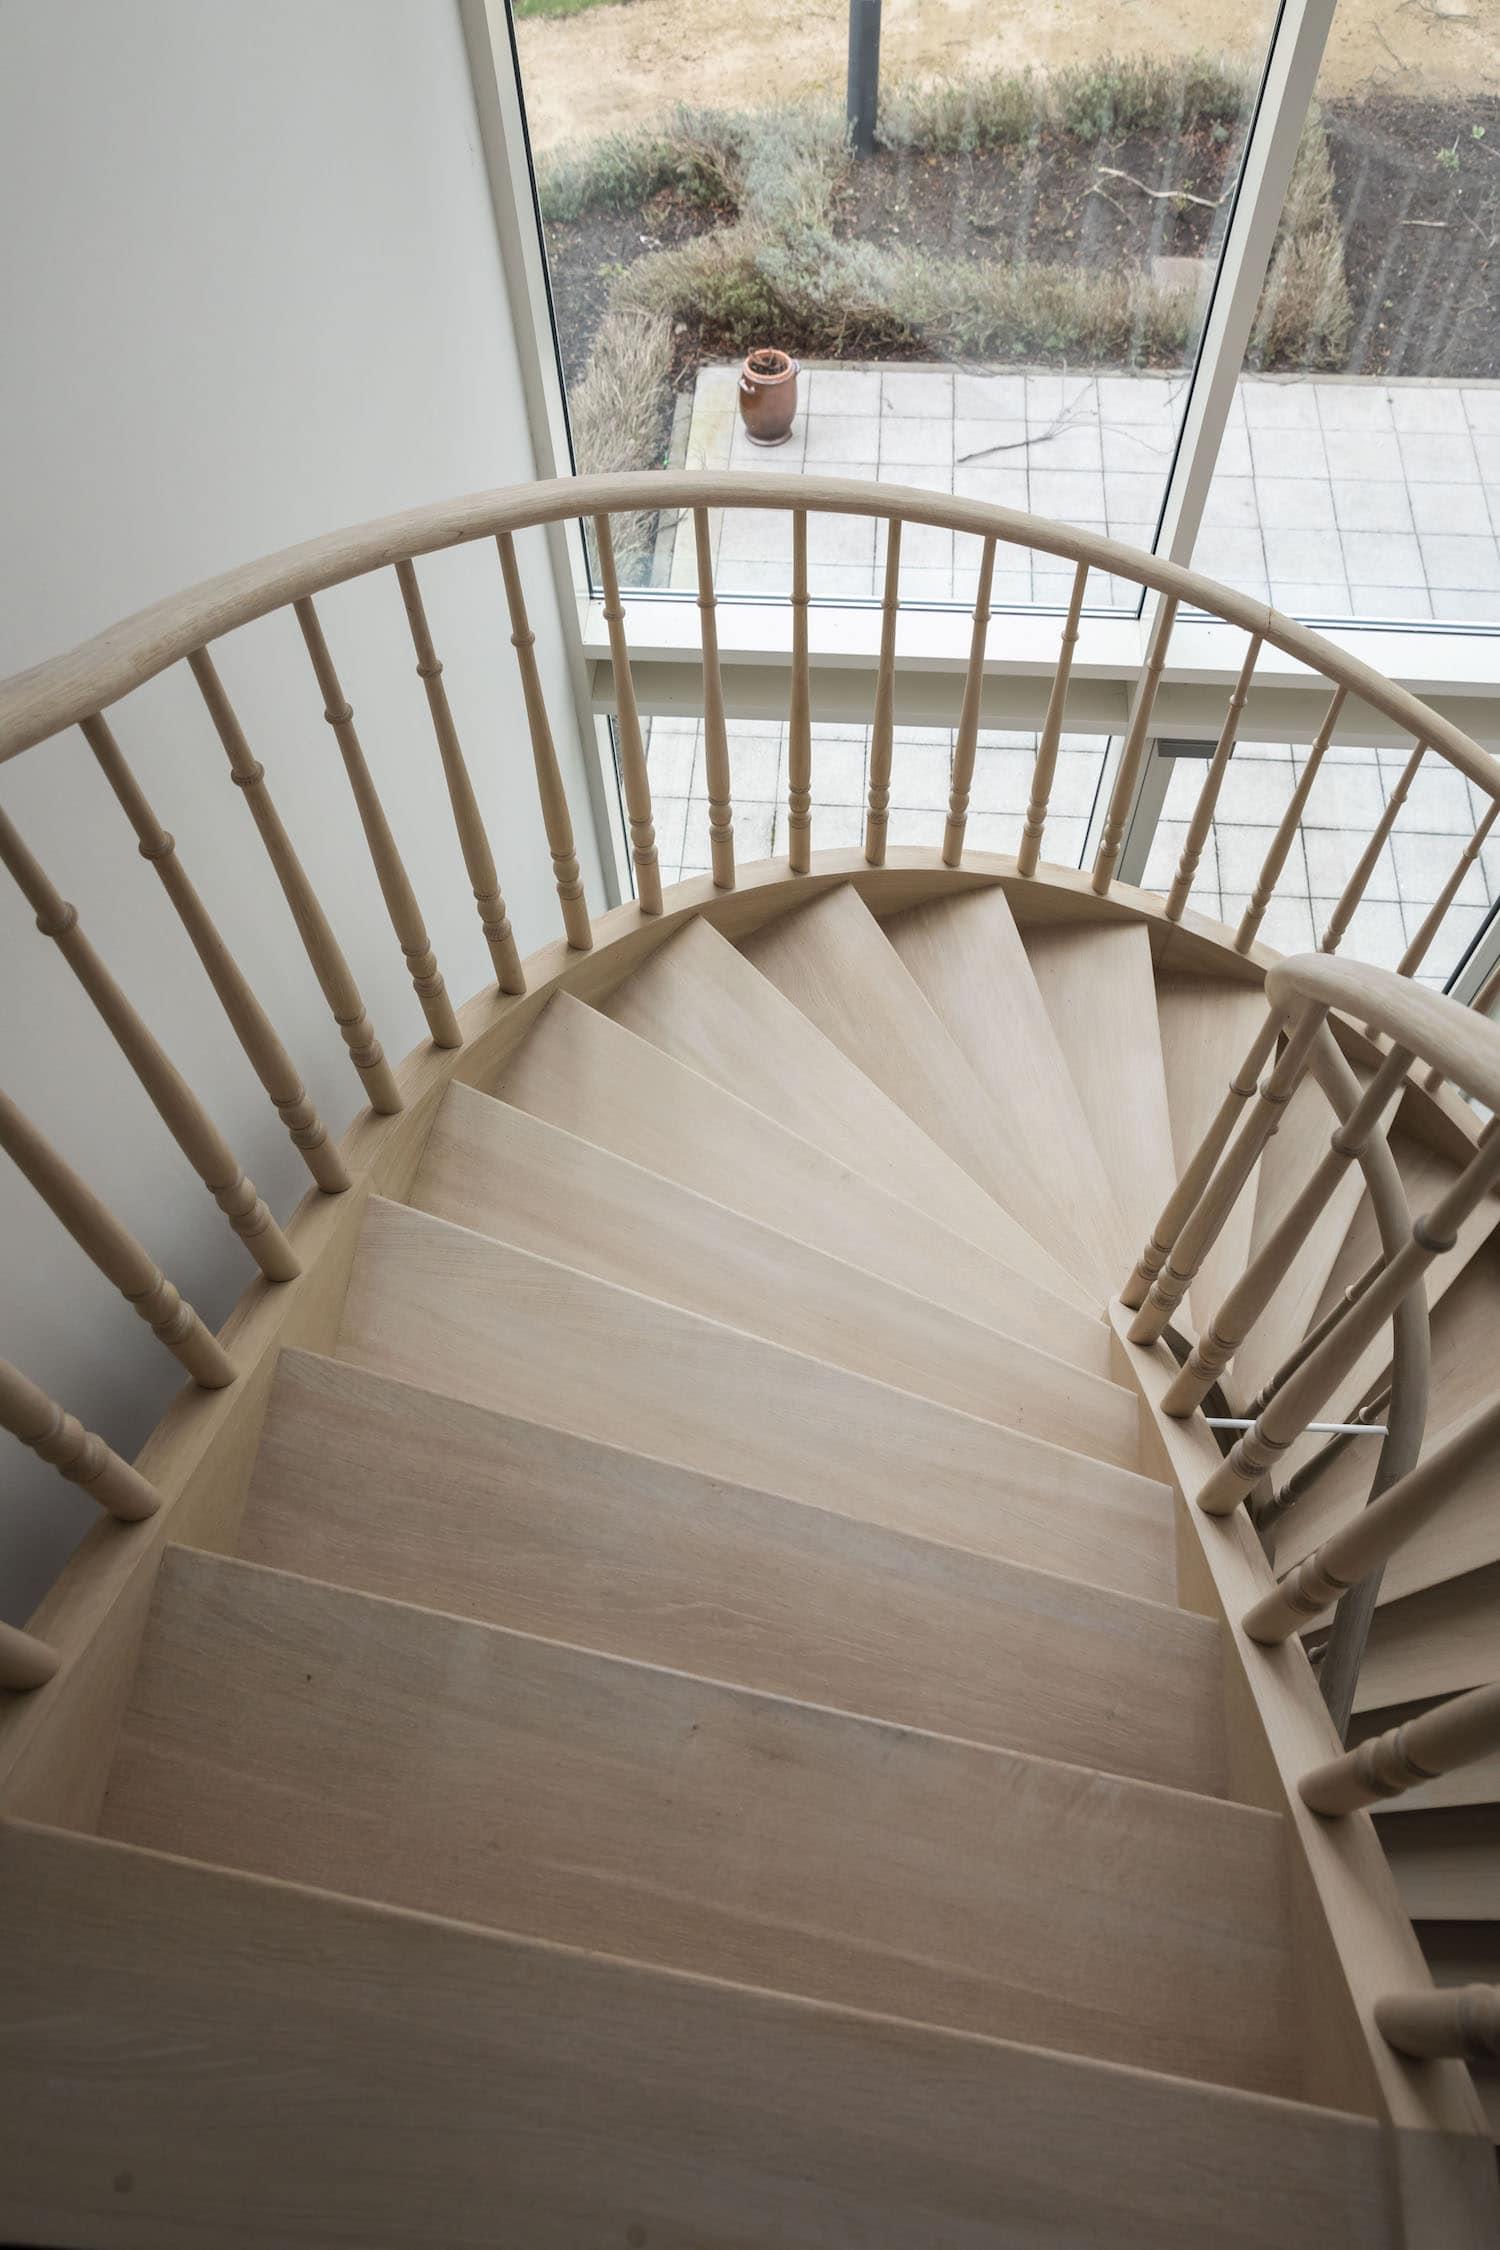 Traditionele gesloten trap in Franse eik - tredes volledig verdreven - met gedraaide beginpaal en balusters, met ronde bloktrede en wrongstuk